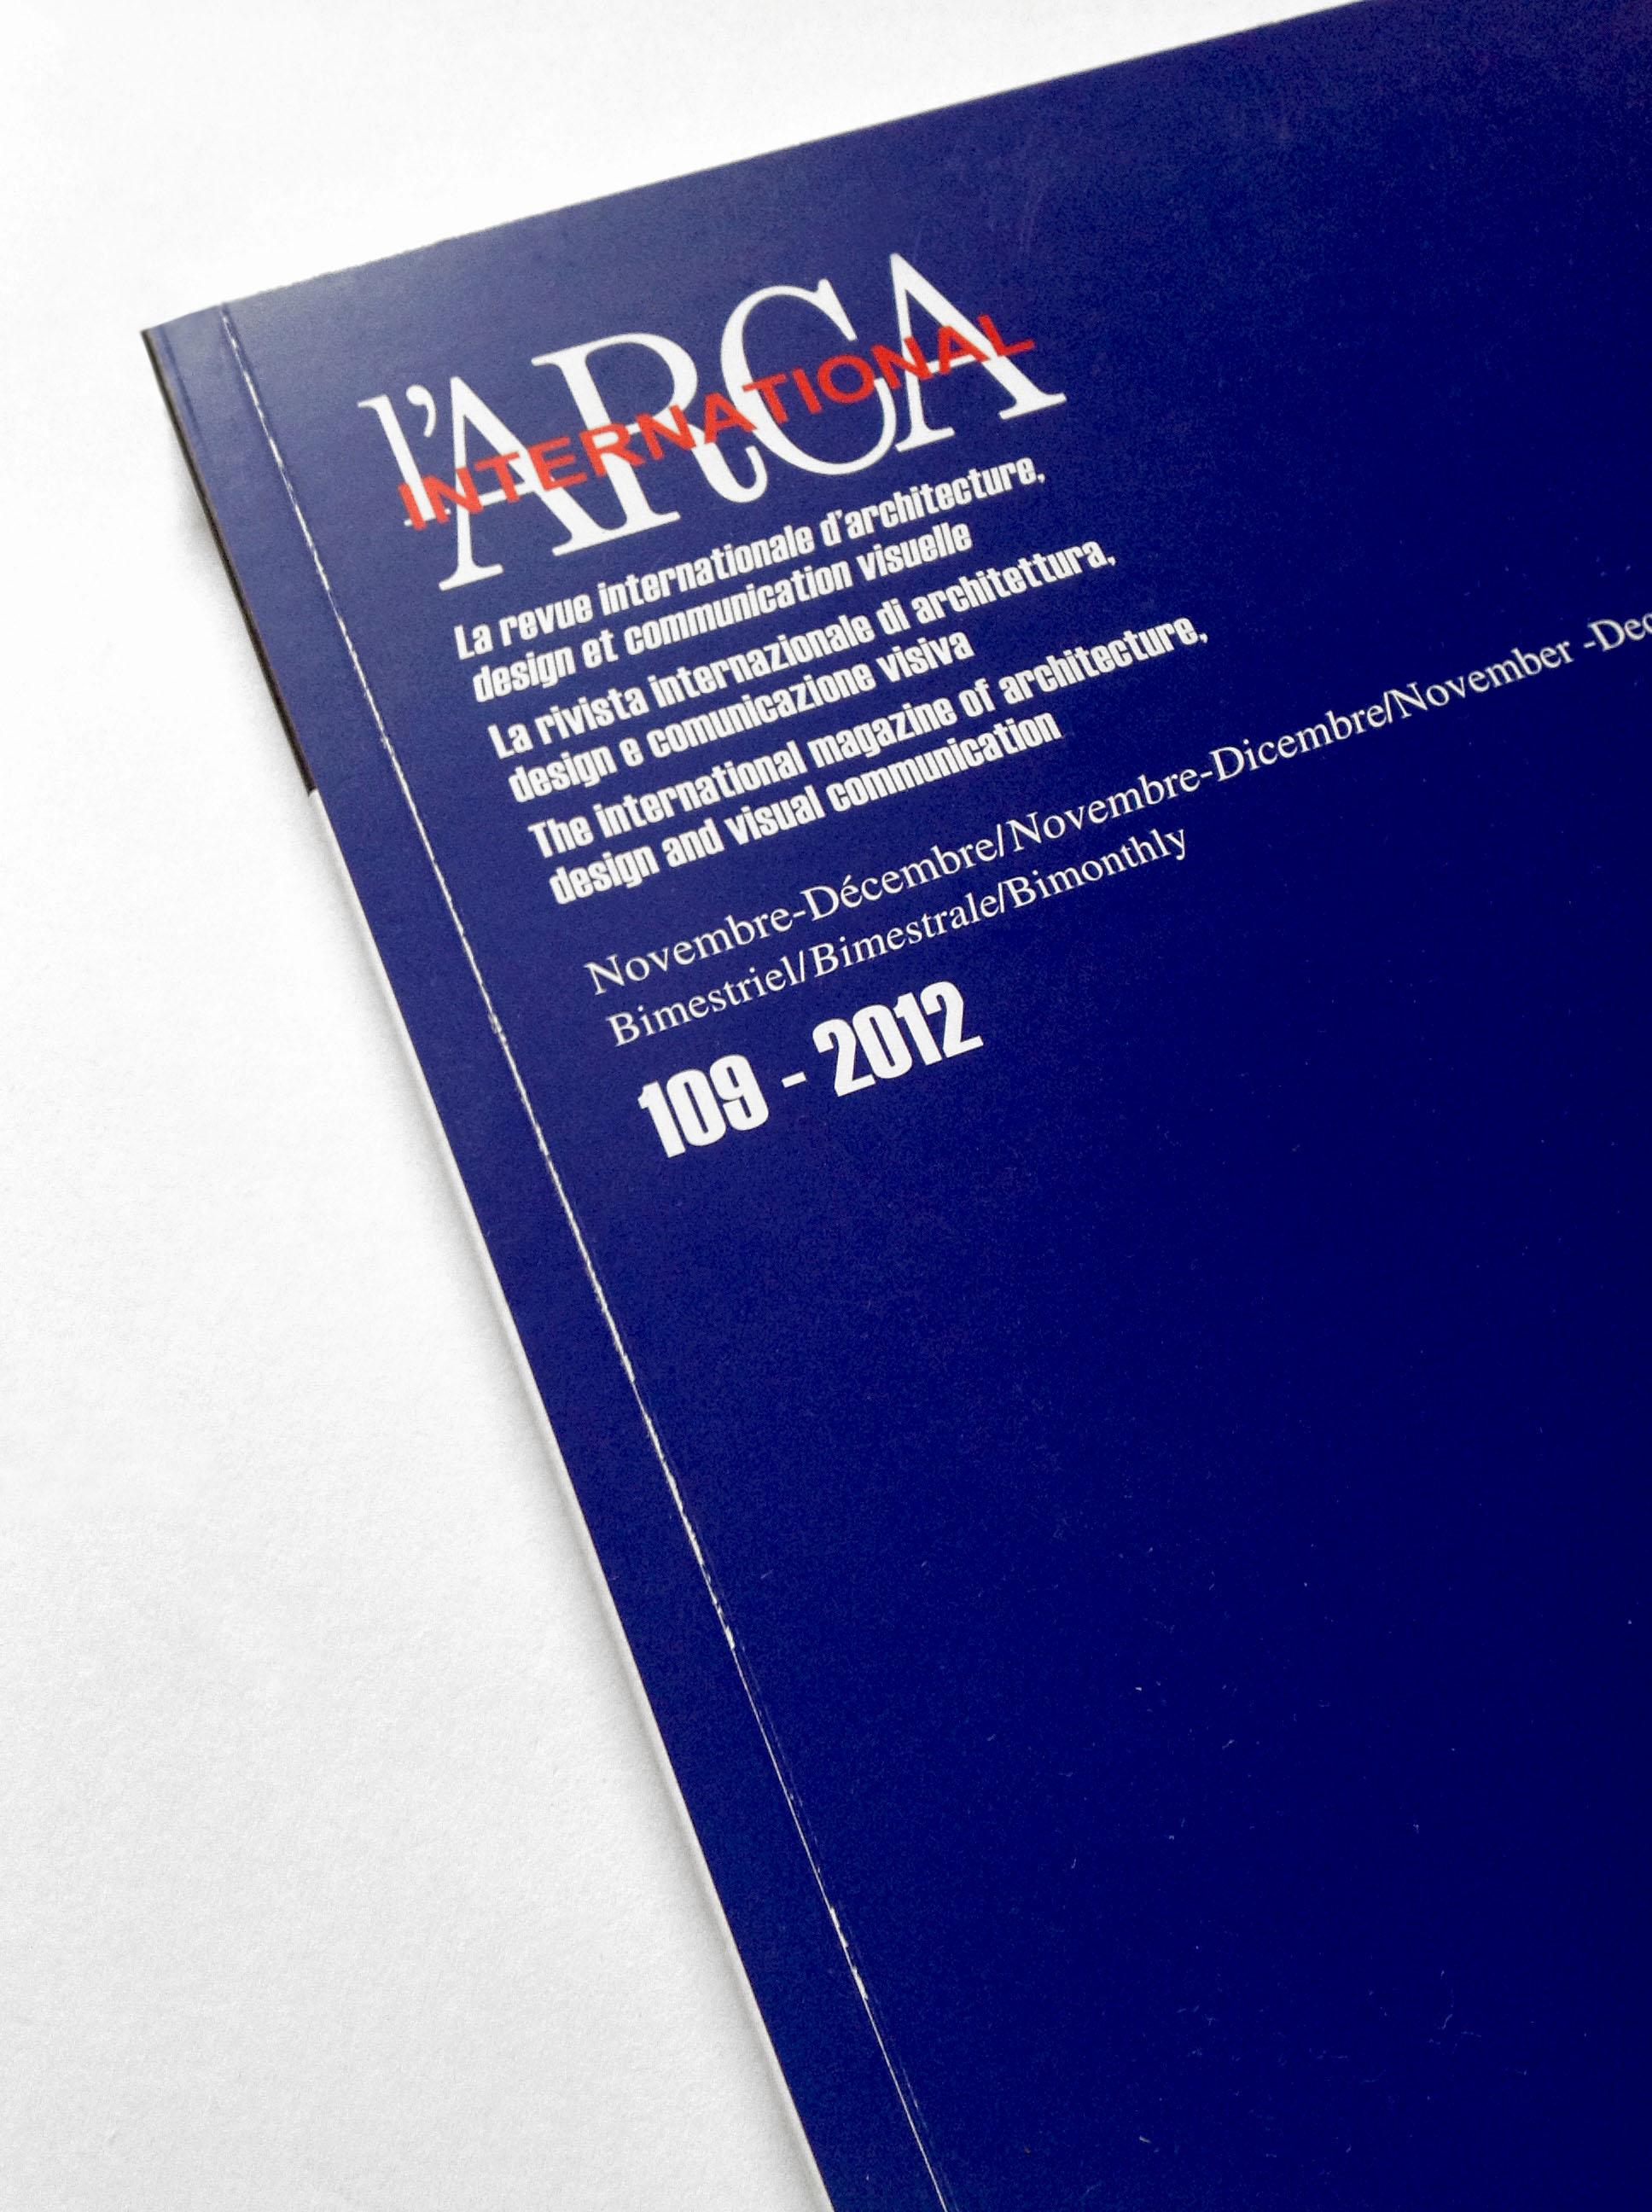 La grafica è stata pubblicata su L'Arca.International Magazine of Architecture. Numero 109/2012 Novembre Dicembre